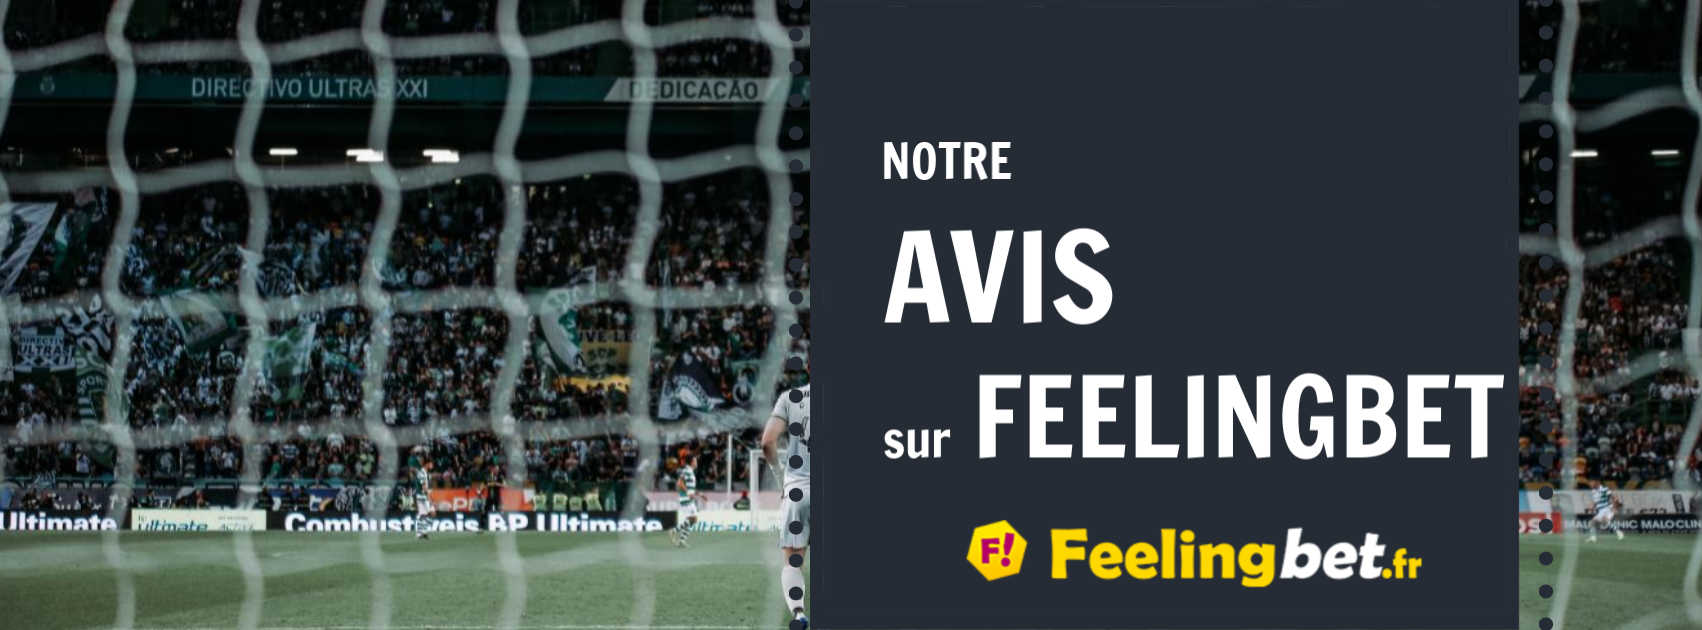 avis feelingbet.fr site paris sportif